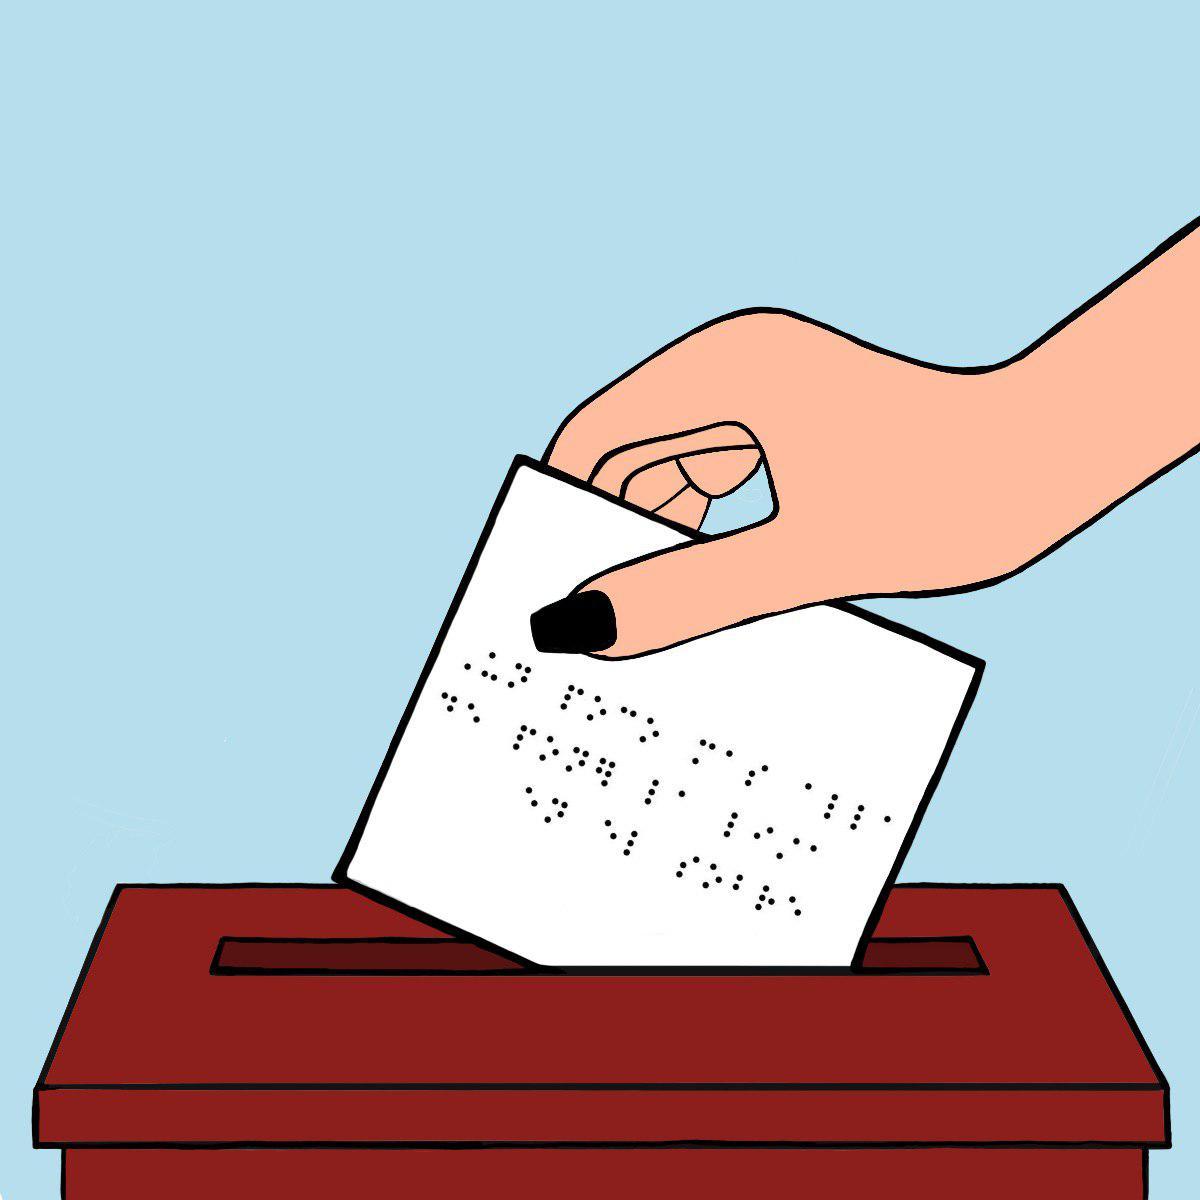 Una mano colocando un sobre en una urna de votación. El sobre tiene algo escrito en braile